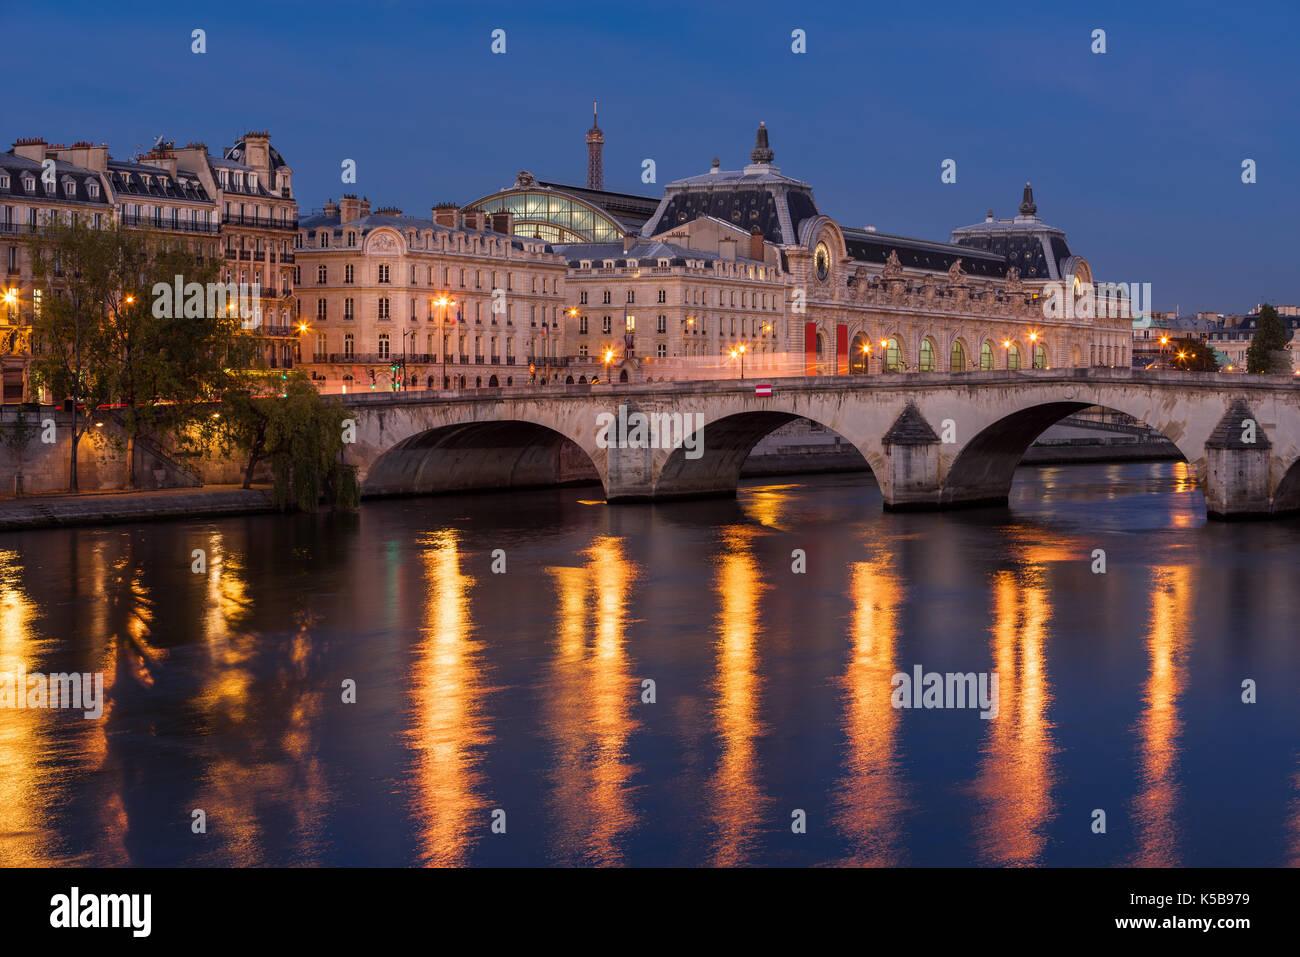 Seine Ufer, Pont Royal Brücke und das Orsay Museum bei Tagesanbruch. Paris, 7. Arrondissement, Frankreich Stockfoto